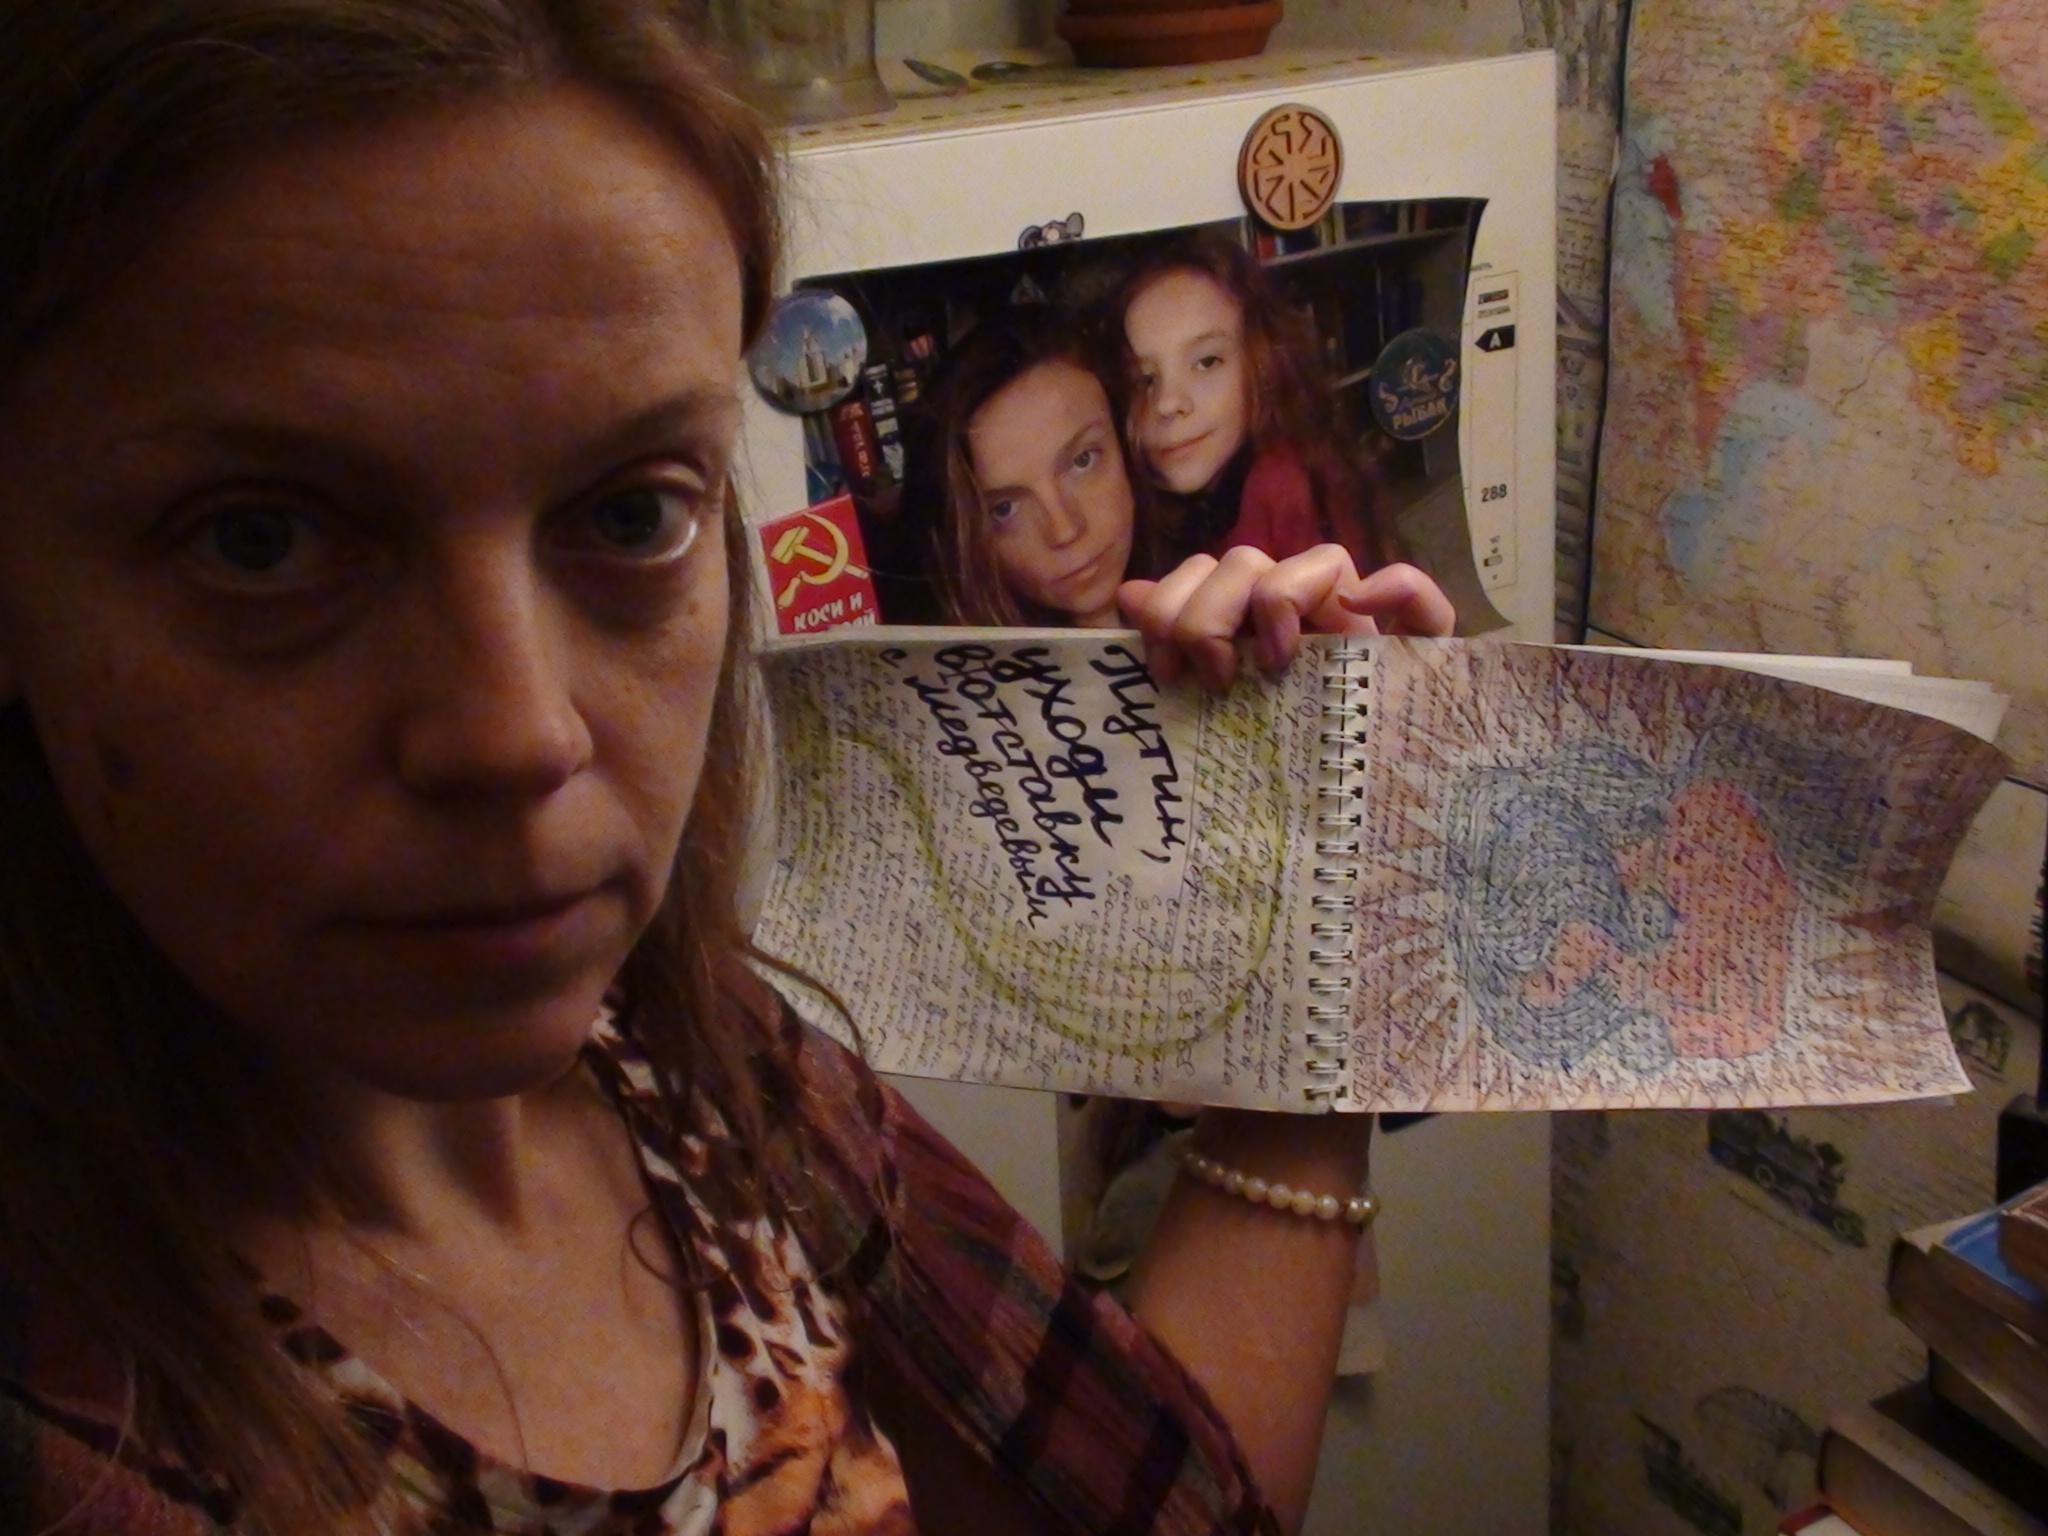 Порка девушек и женщин ремнем, розгами, плетью, кнутом ...